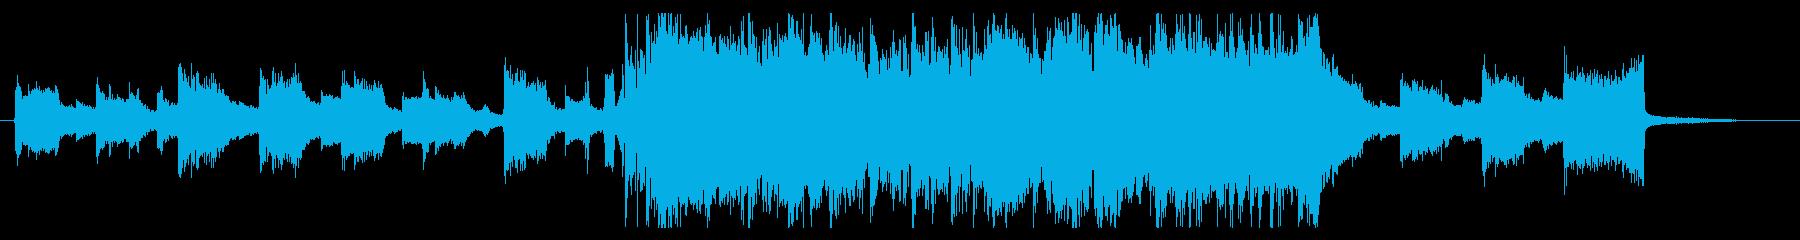 SNS向けオシャレ爽やか30秒ソングの再生済みの波形